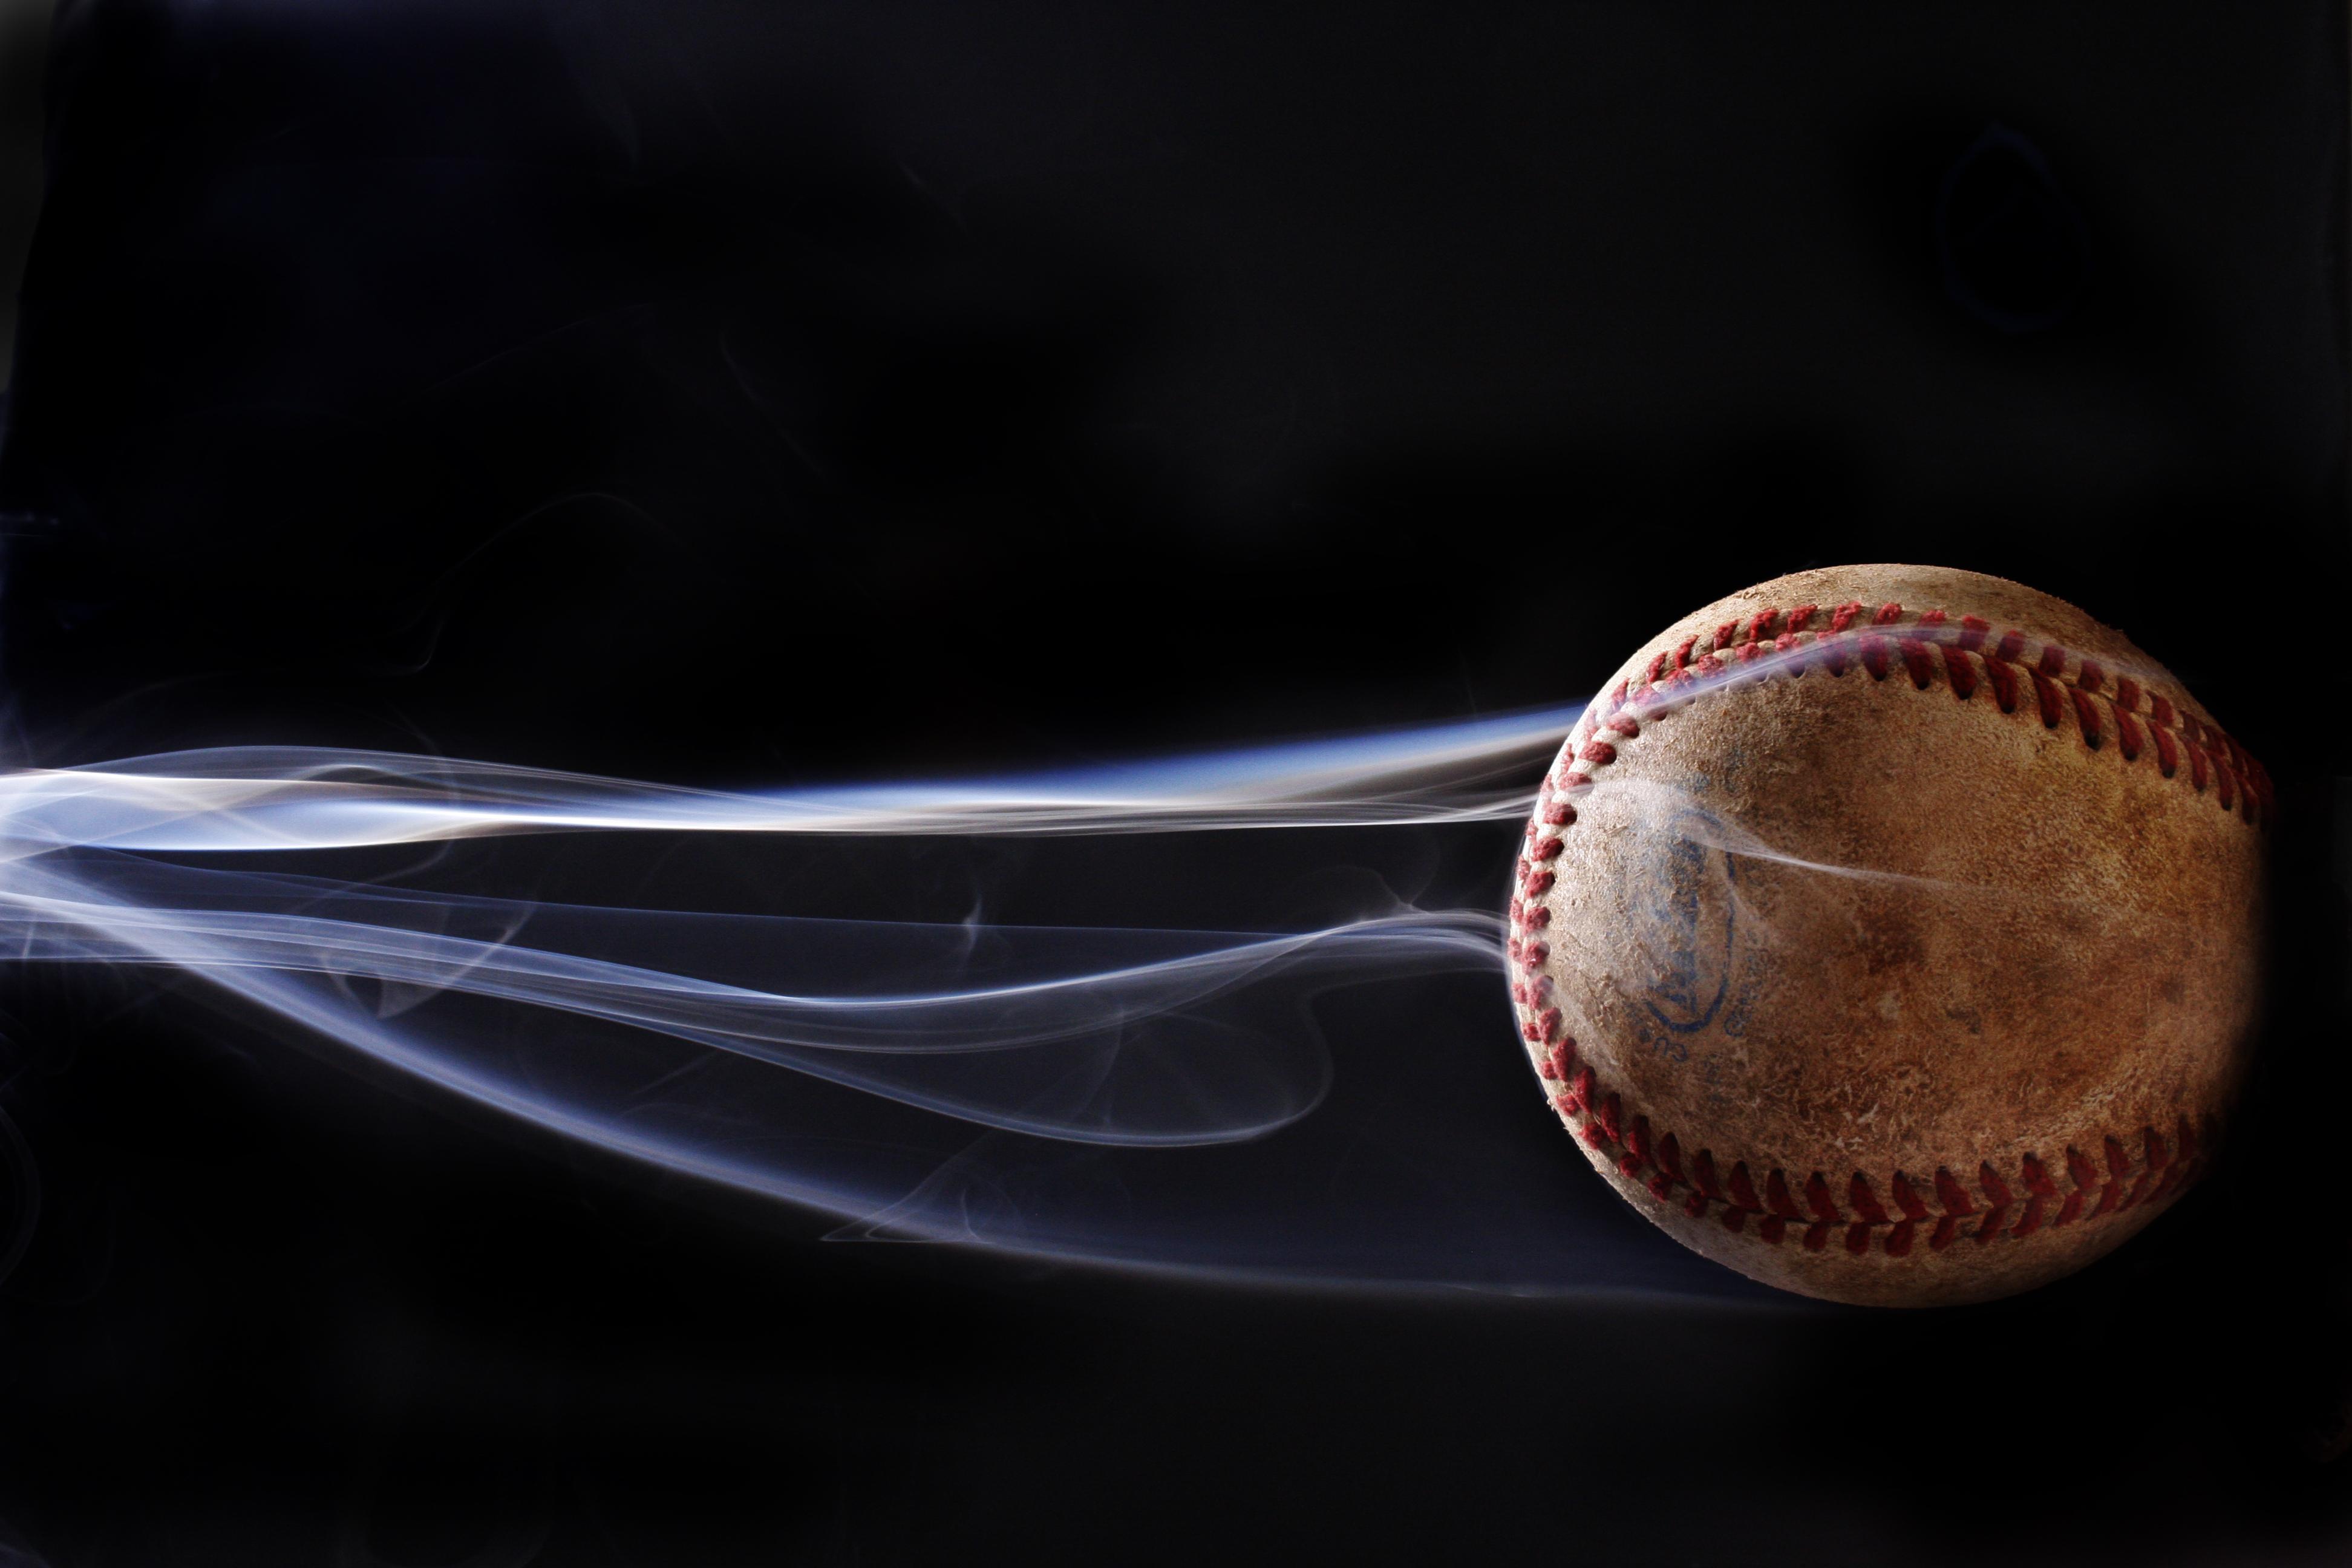 デスクトップ壁紙 スポーツ 黒 フィールド 喫煙 キヤノン 野球